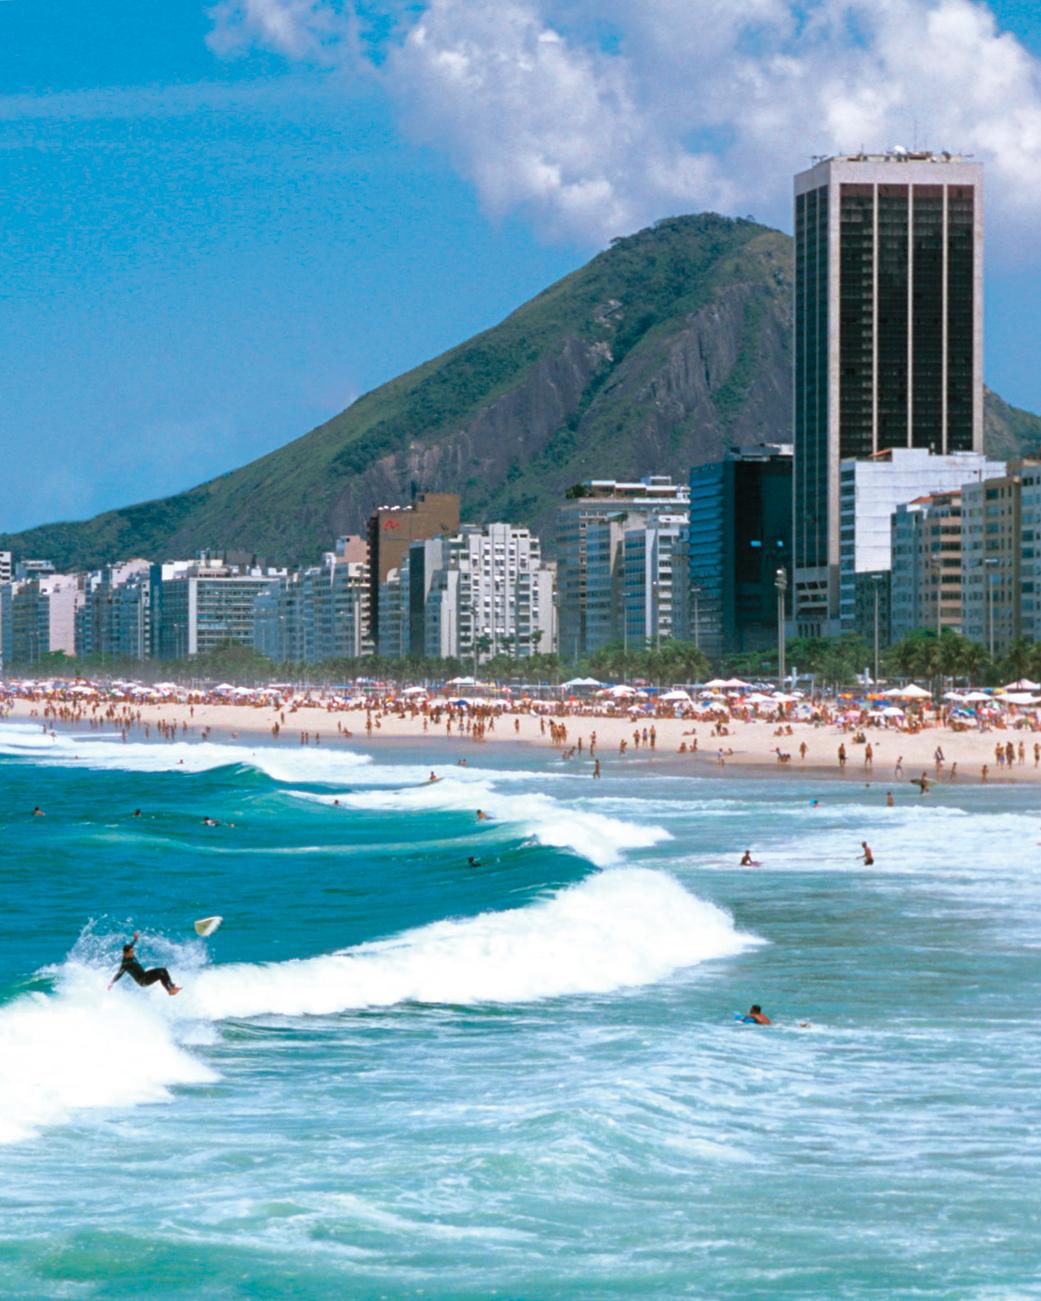 rio-beach-mwds109132.jpg